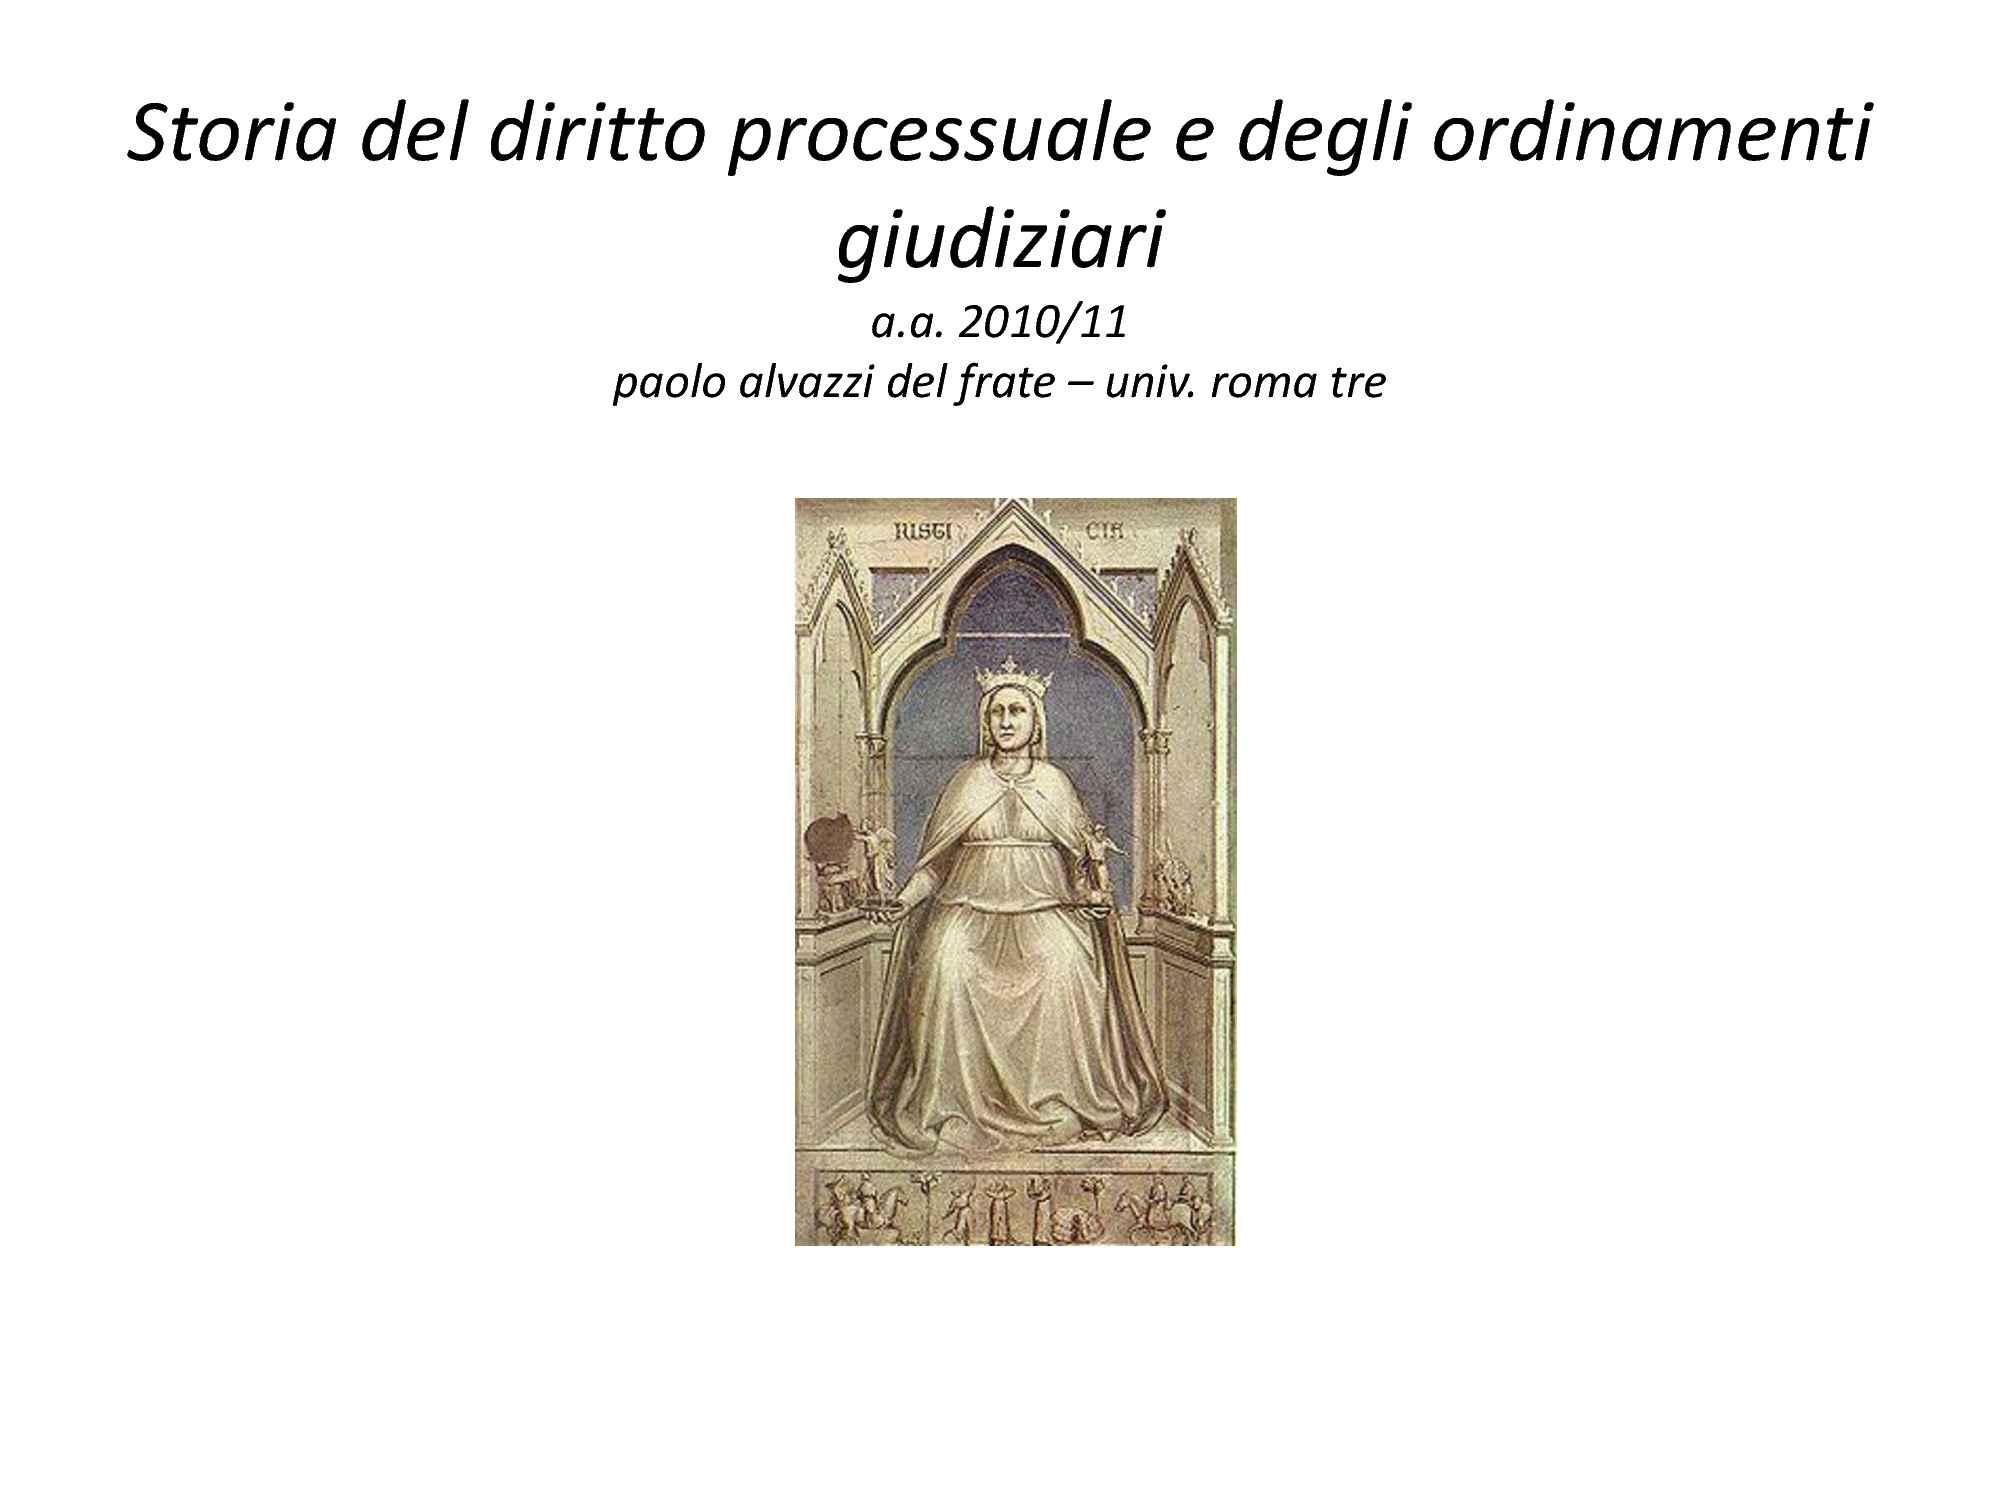 Storia del diritto processuale - Slides intero corso parte prima